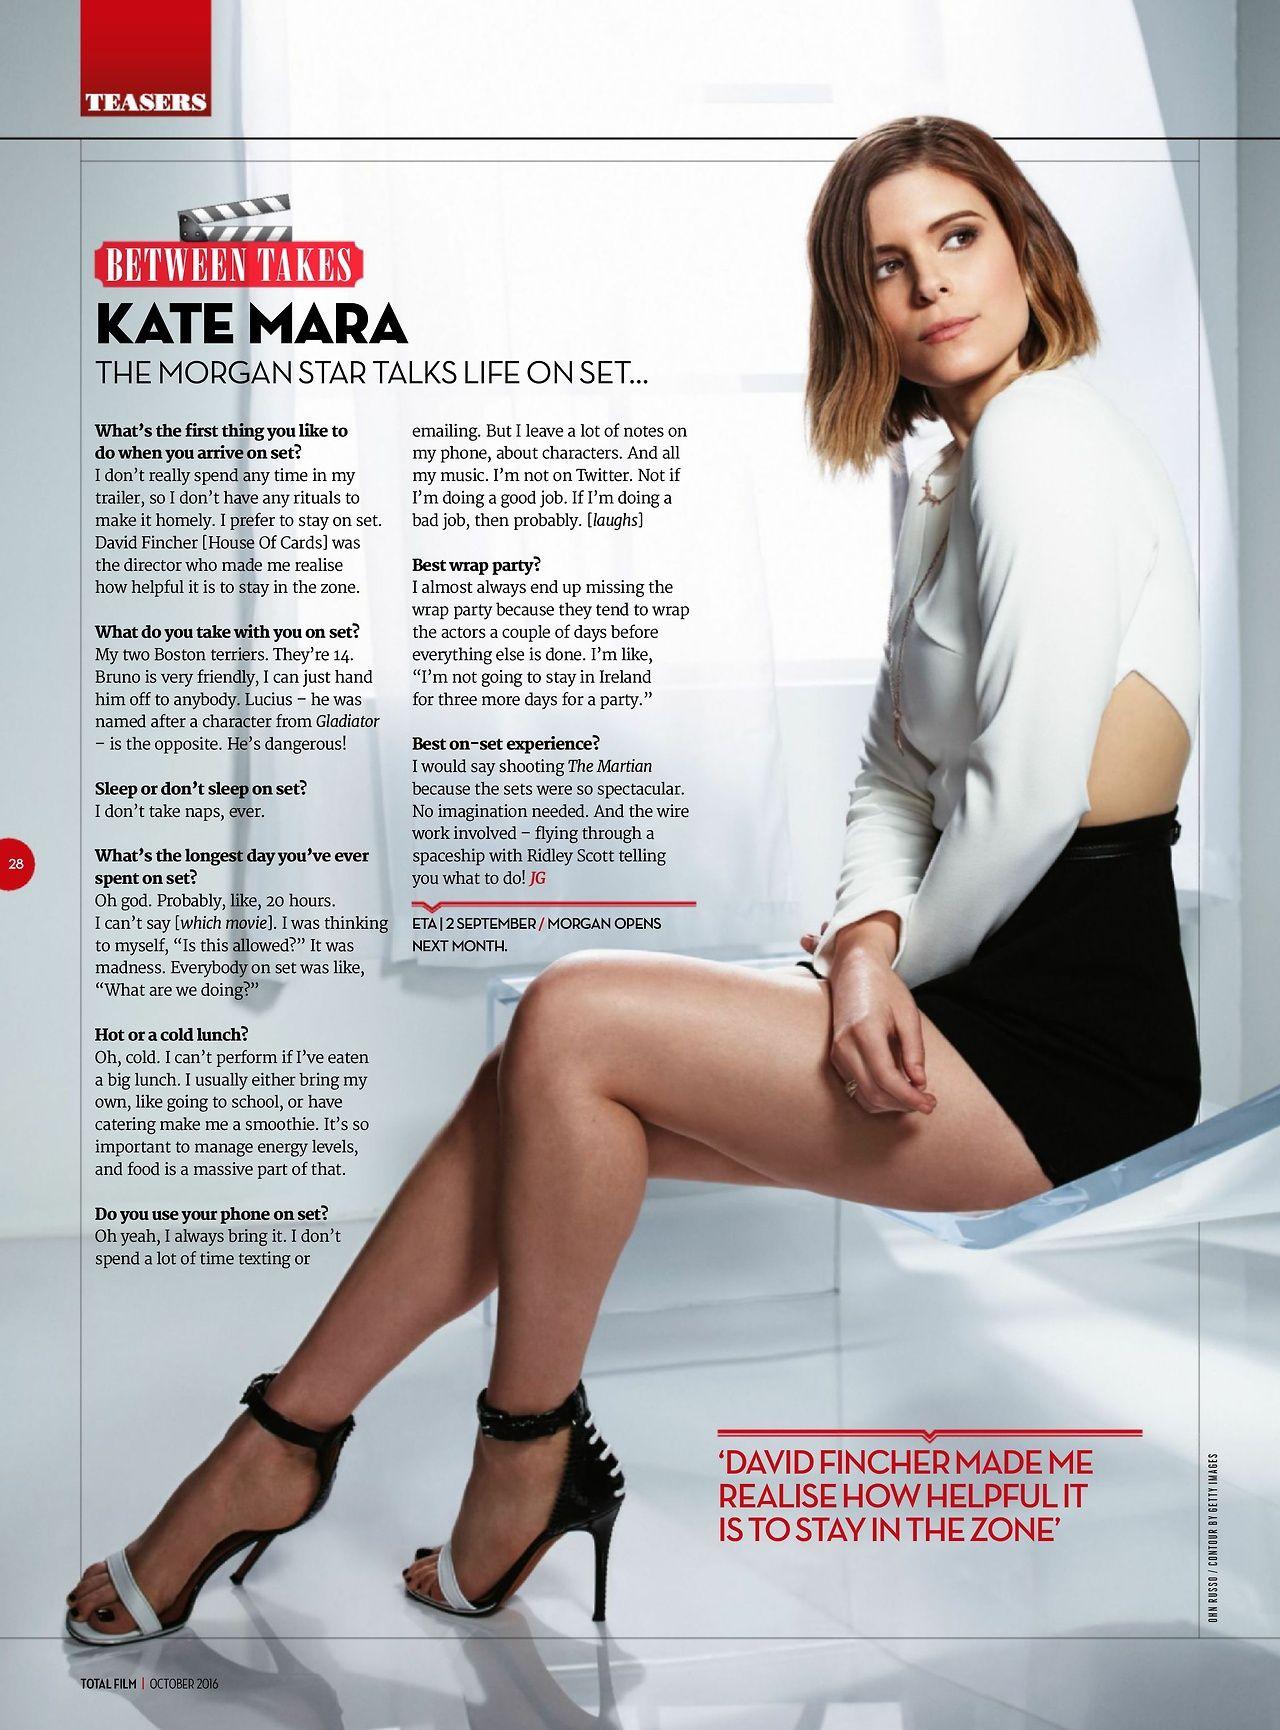 Kate mara hot legs